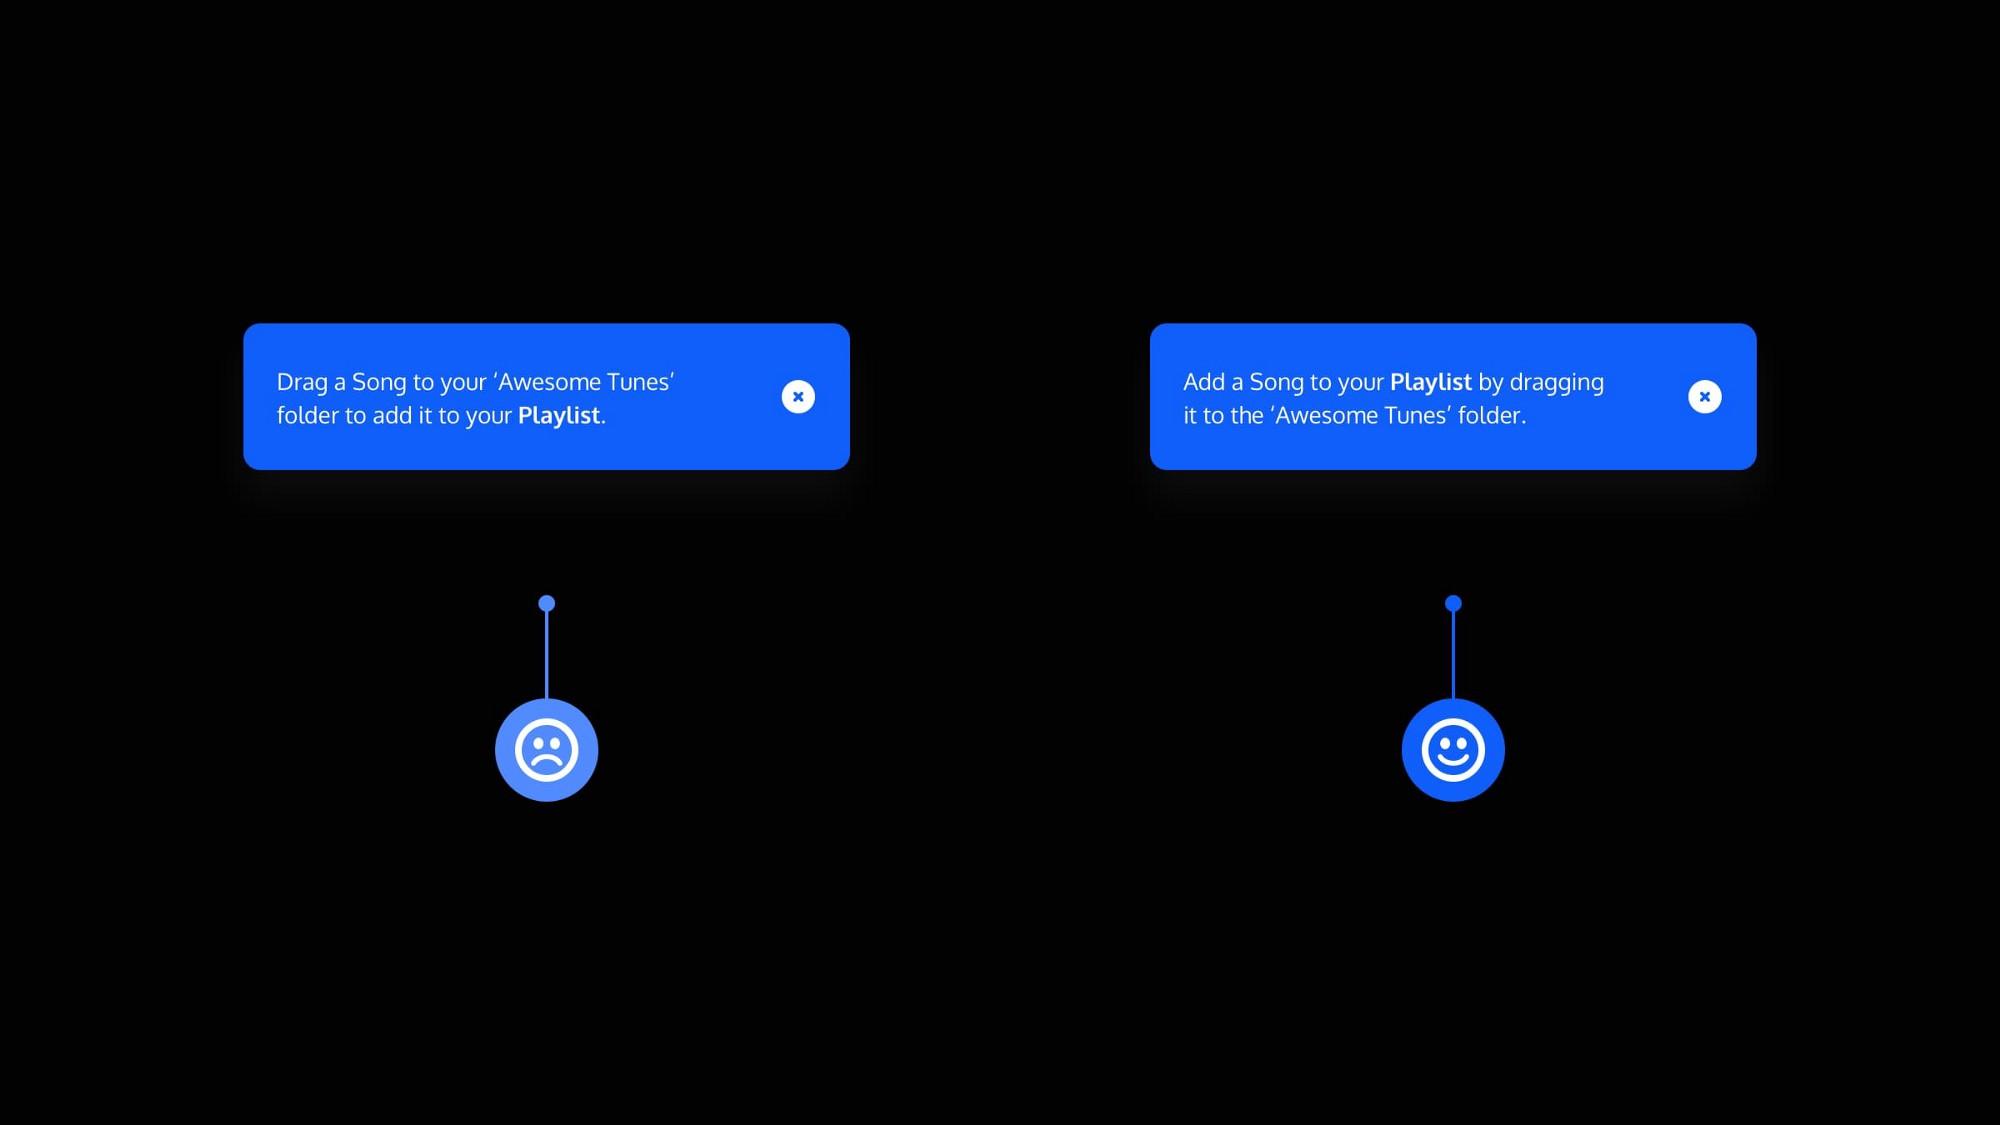 第七波!快速提升 UI 设计效果的 6 个小技巧